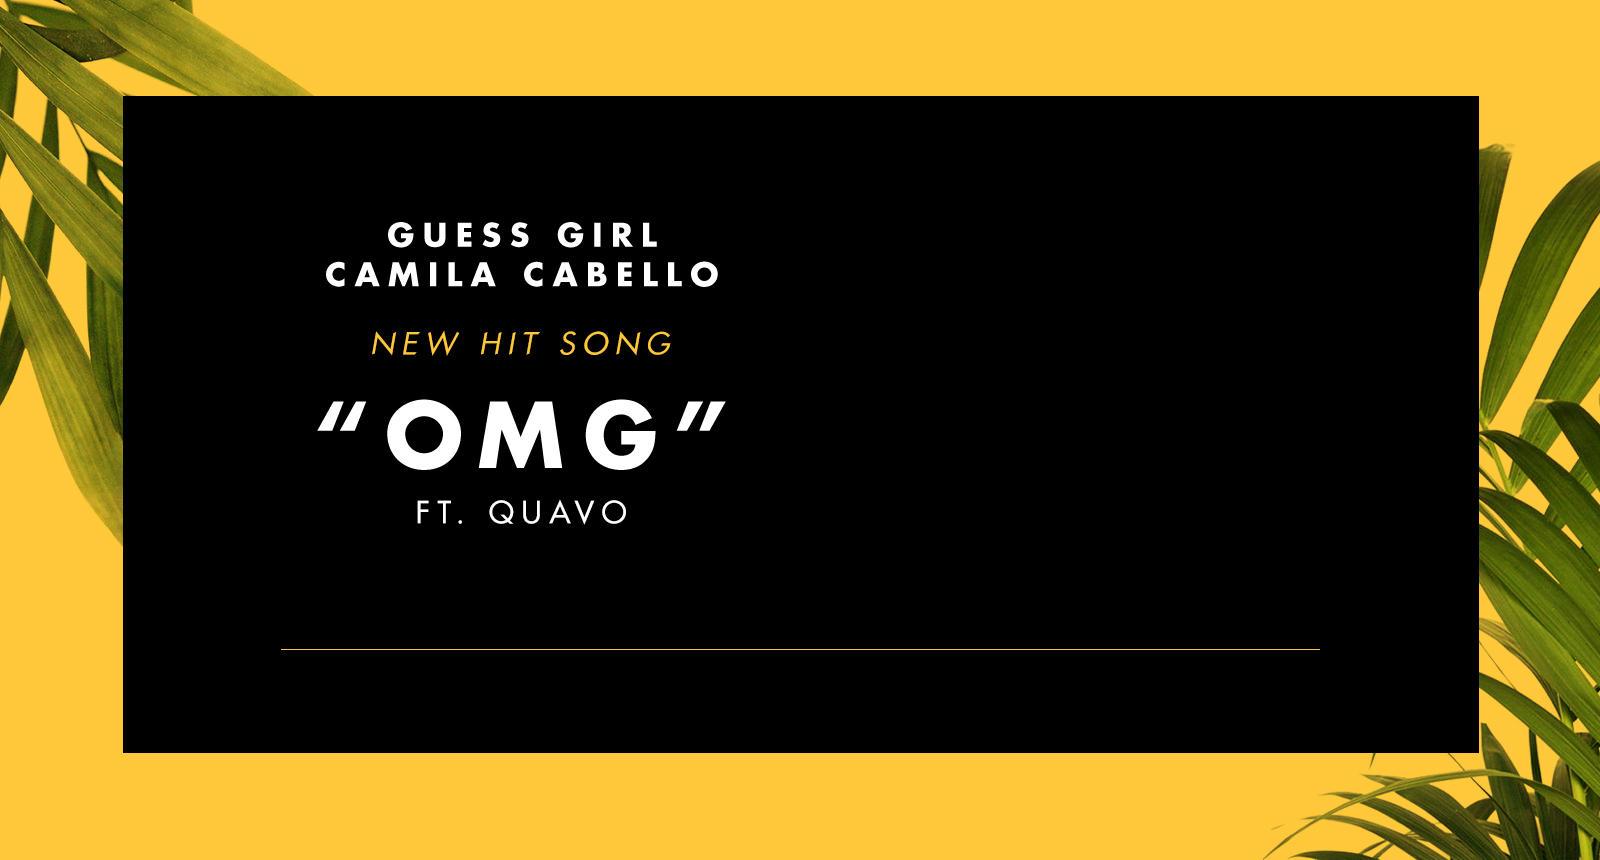 Camilla Cabello New Hit Song